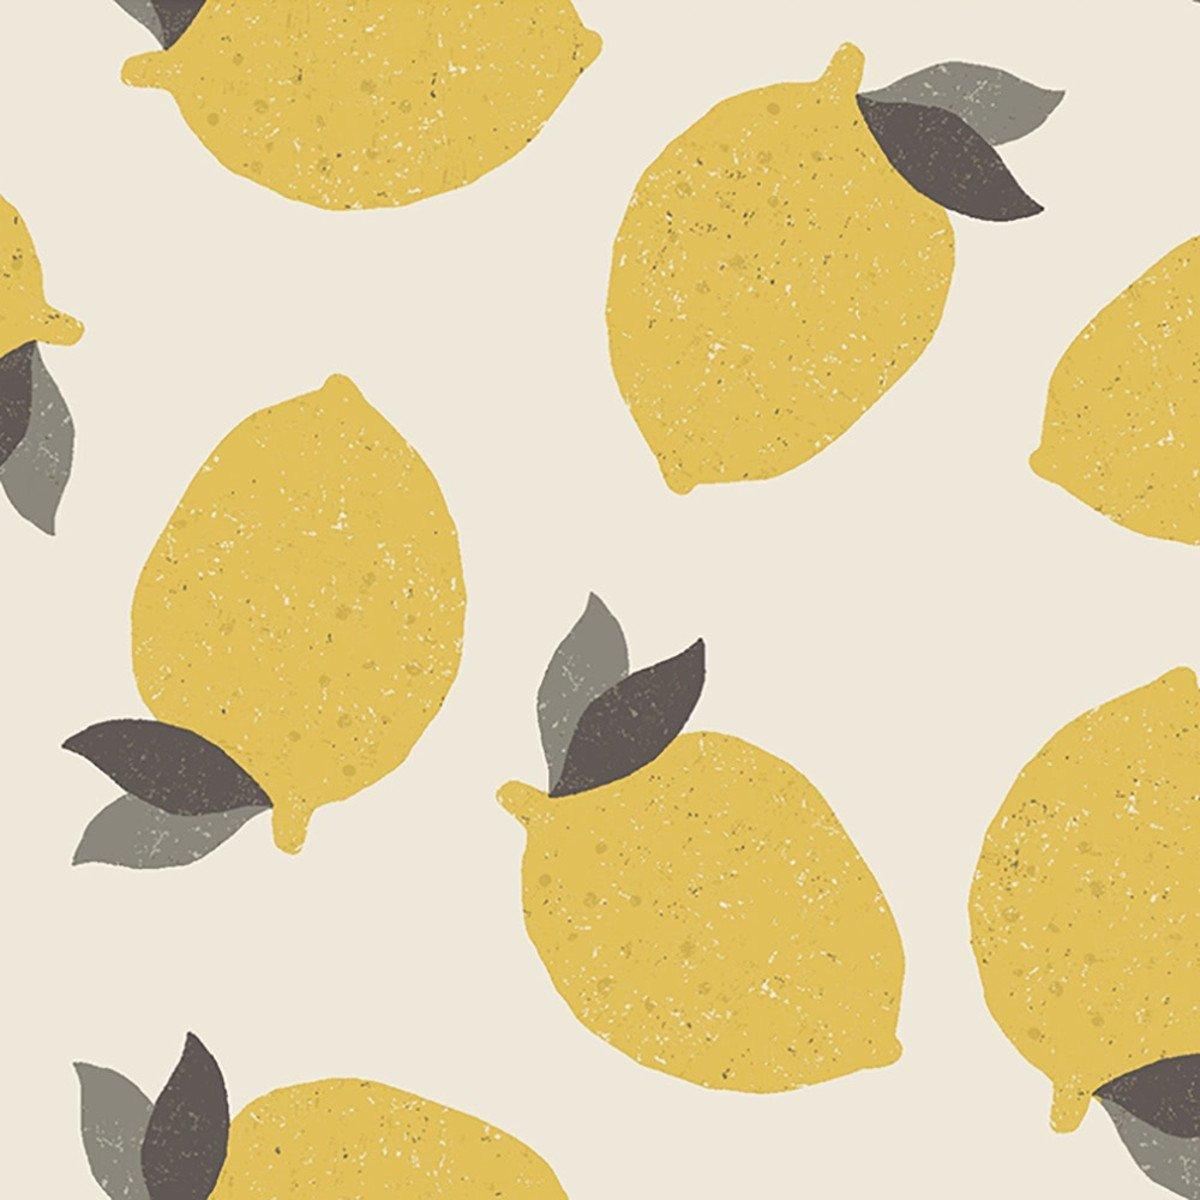 Dark Yellow - Just Lemons - Lemonade by Dan DiPaolo - Y3212-10